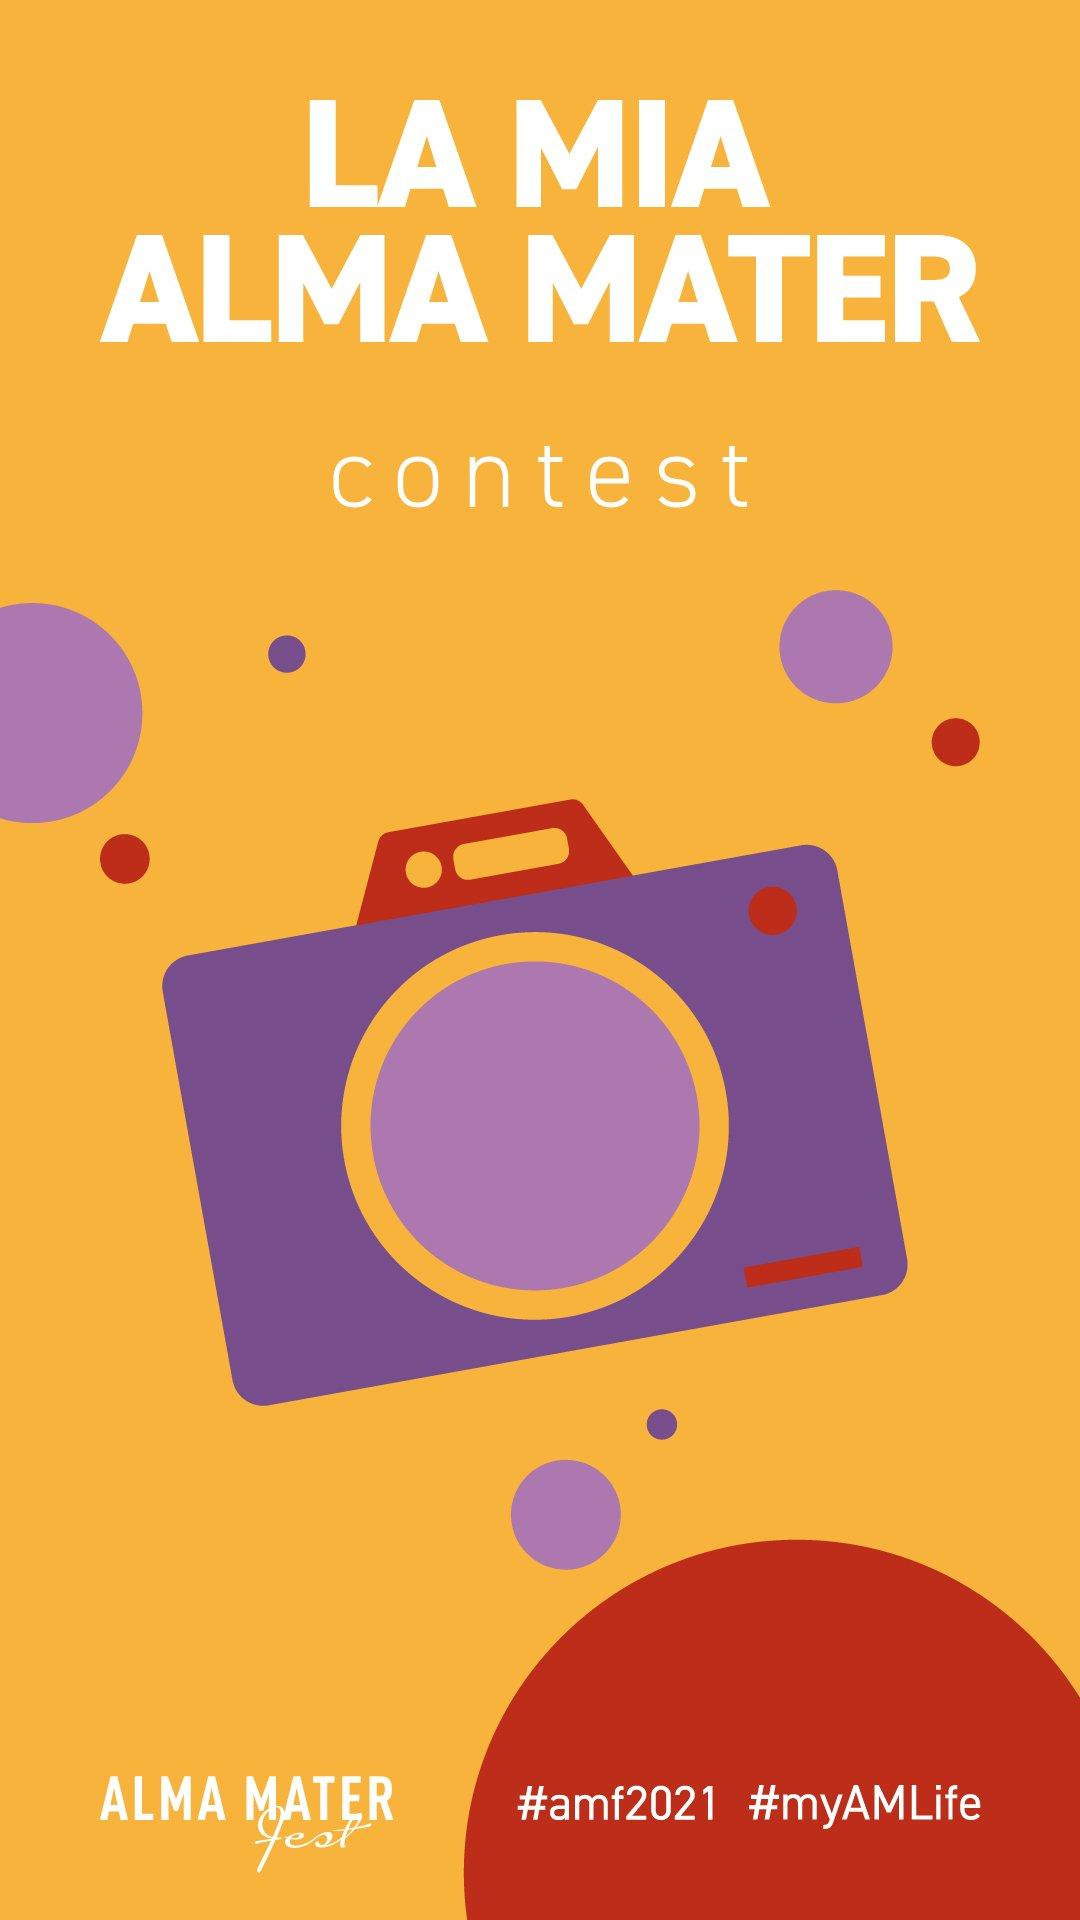 AMF_IG_ContestFotografico_02_1080x1920